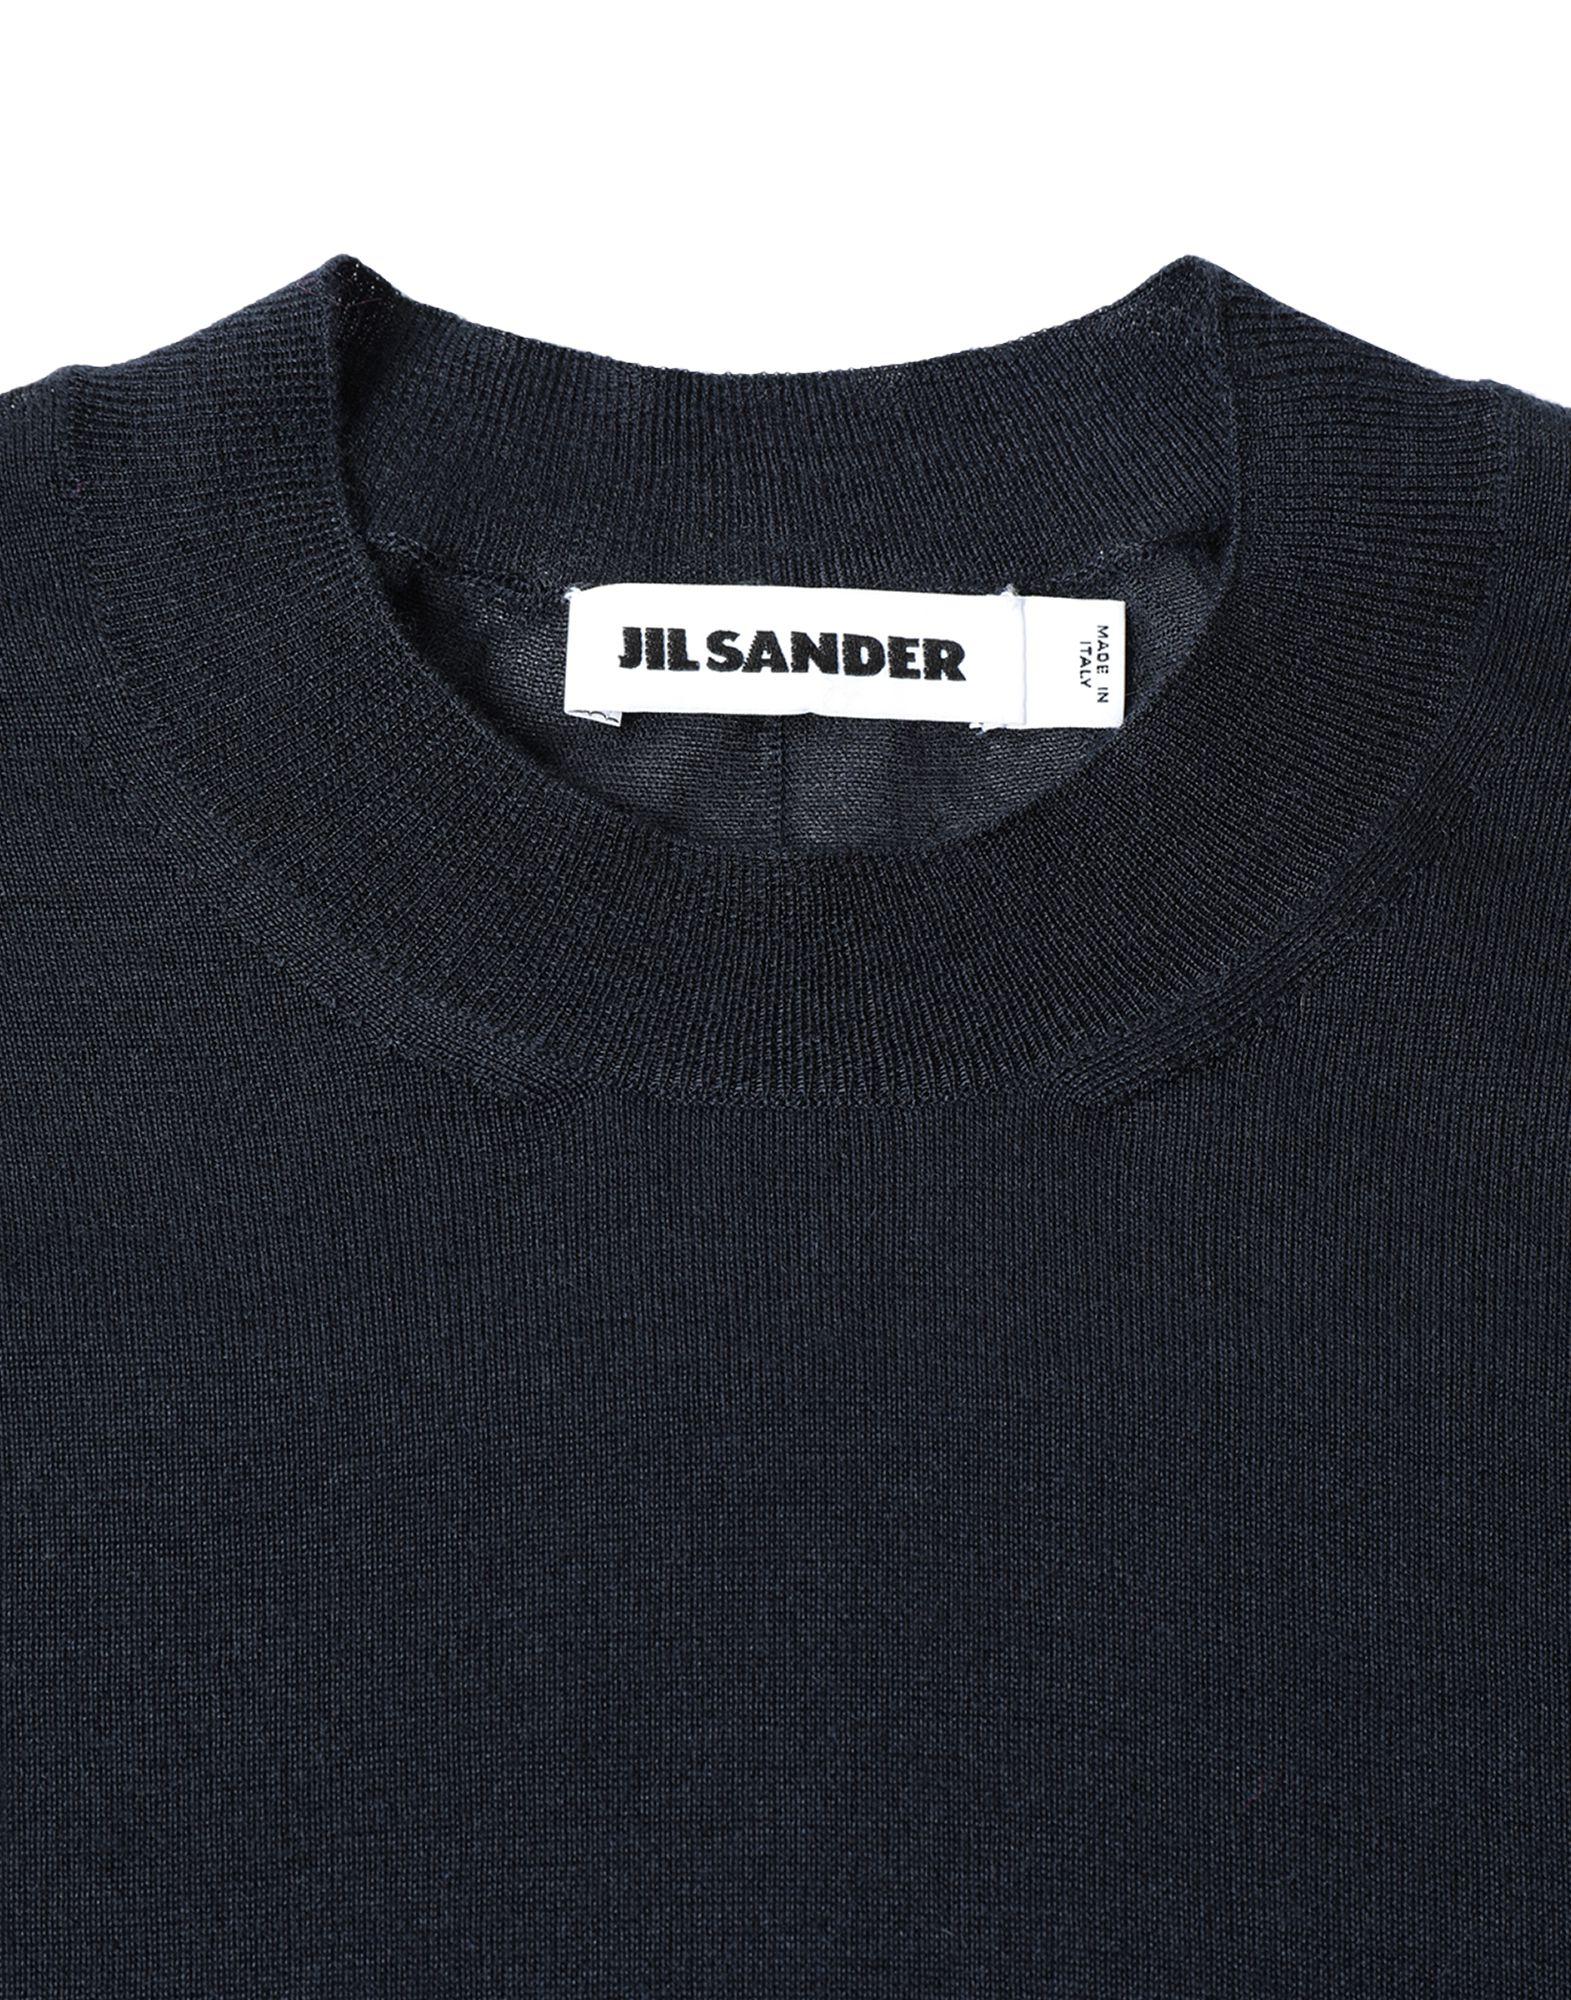 KNITWEAR - JIL SANDER Online Store